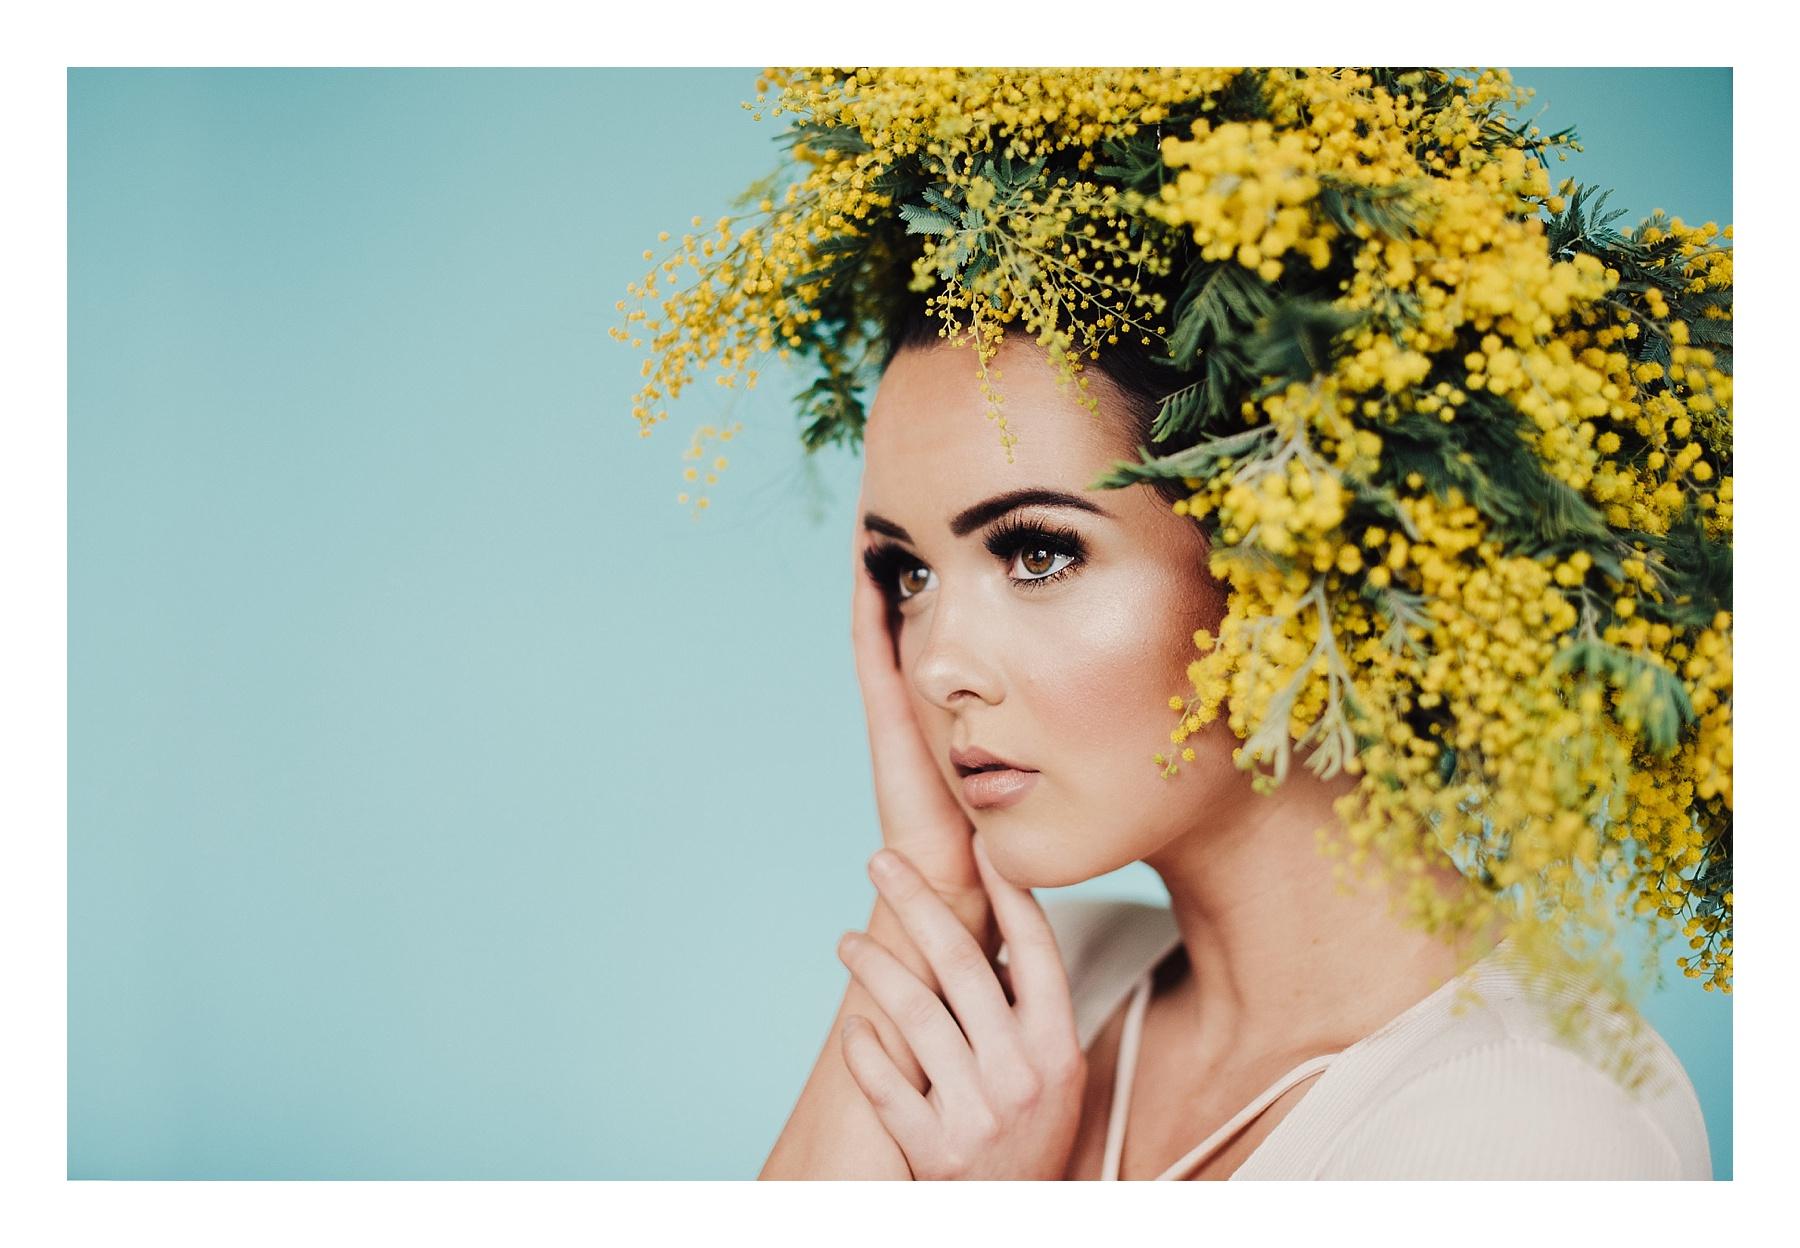 Creative-Headpeice-Florist_0754.jpg